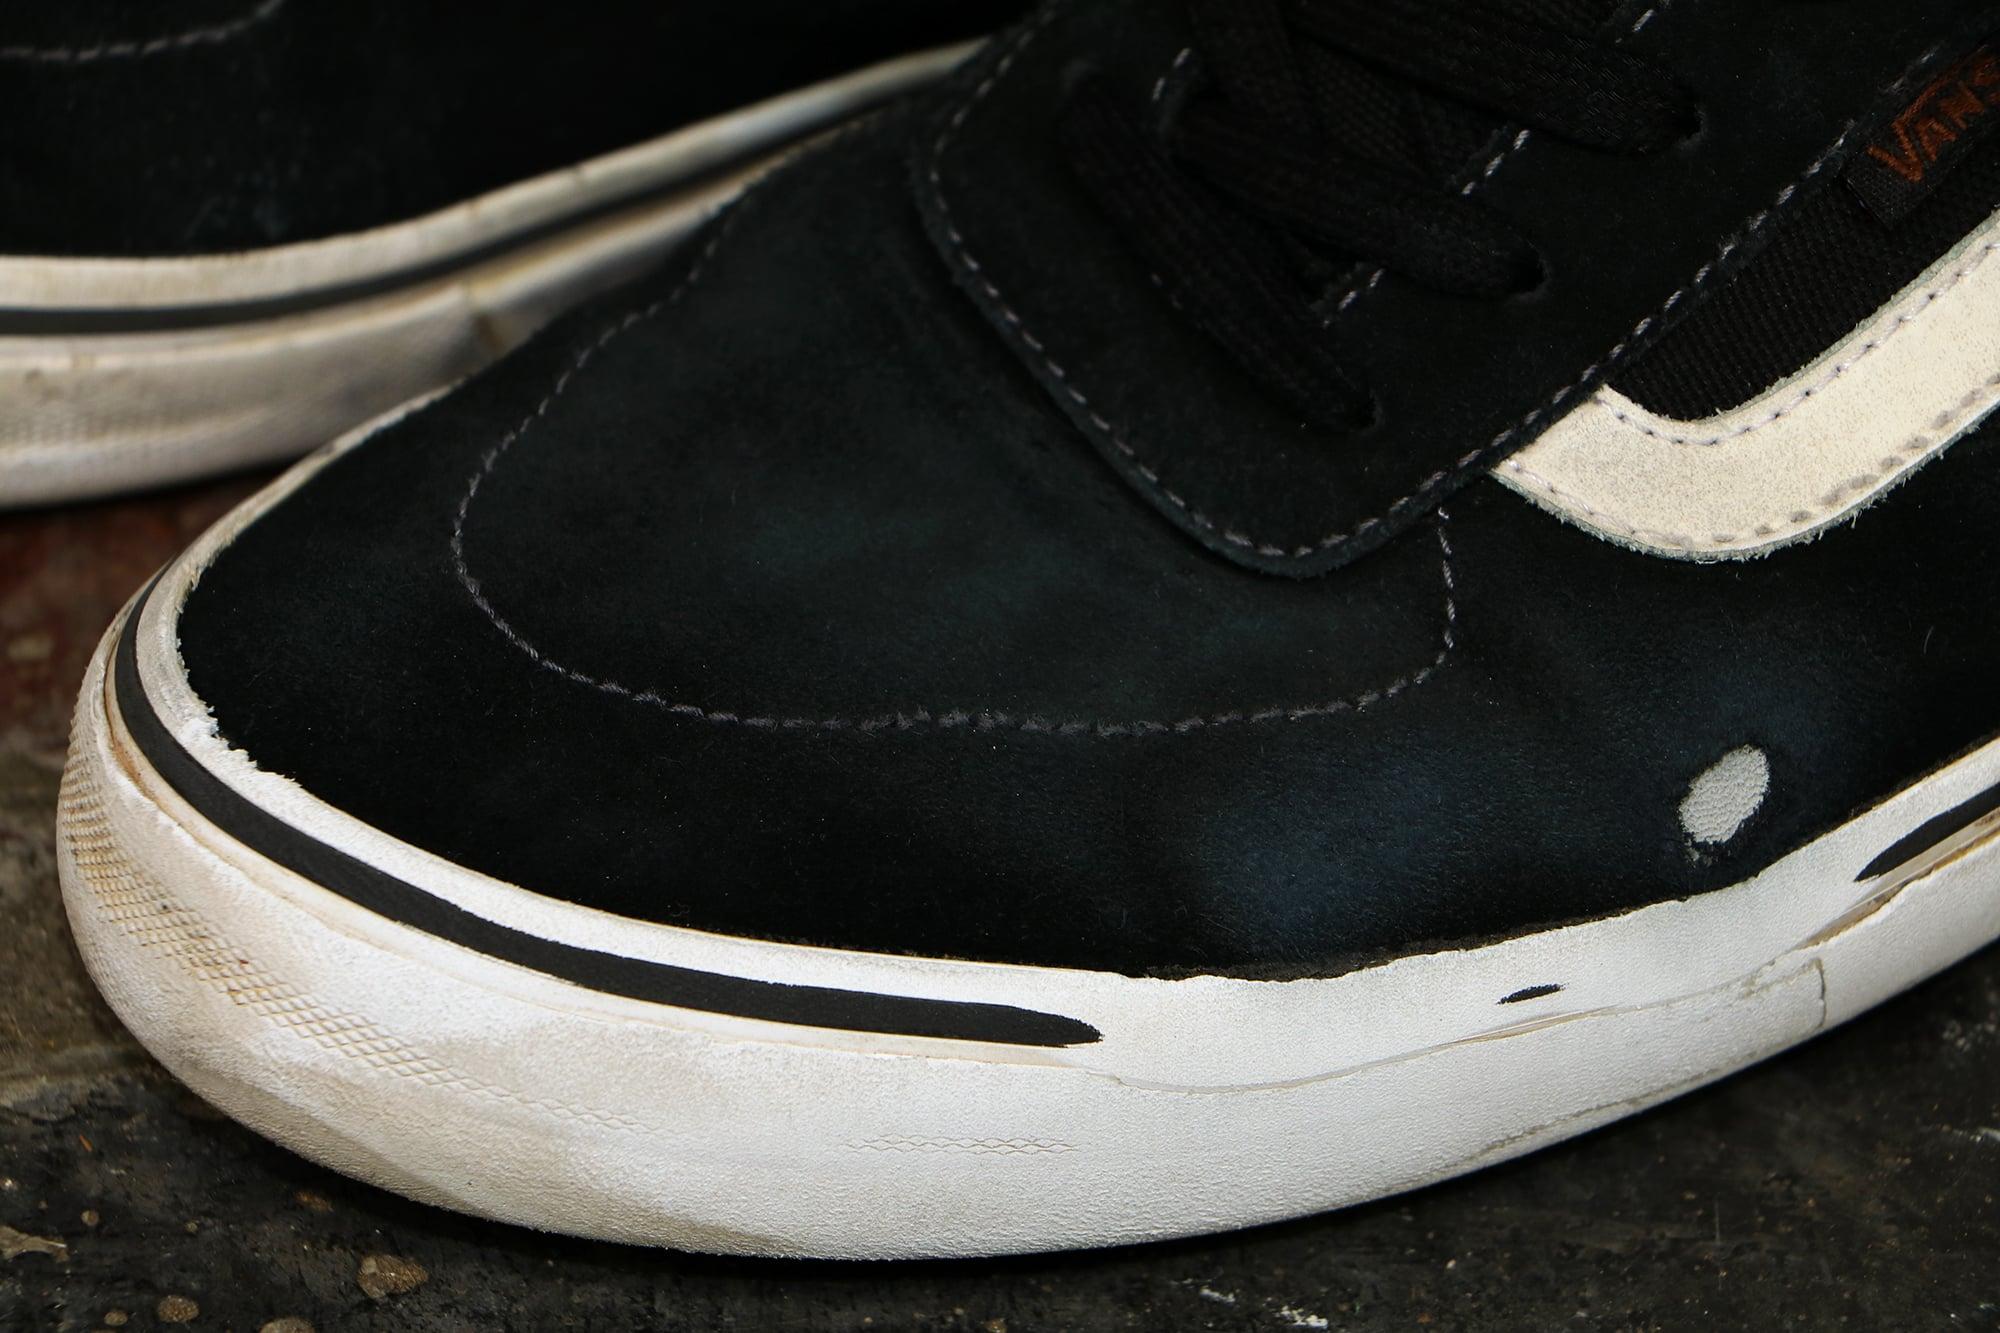 vans schoenen review